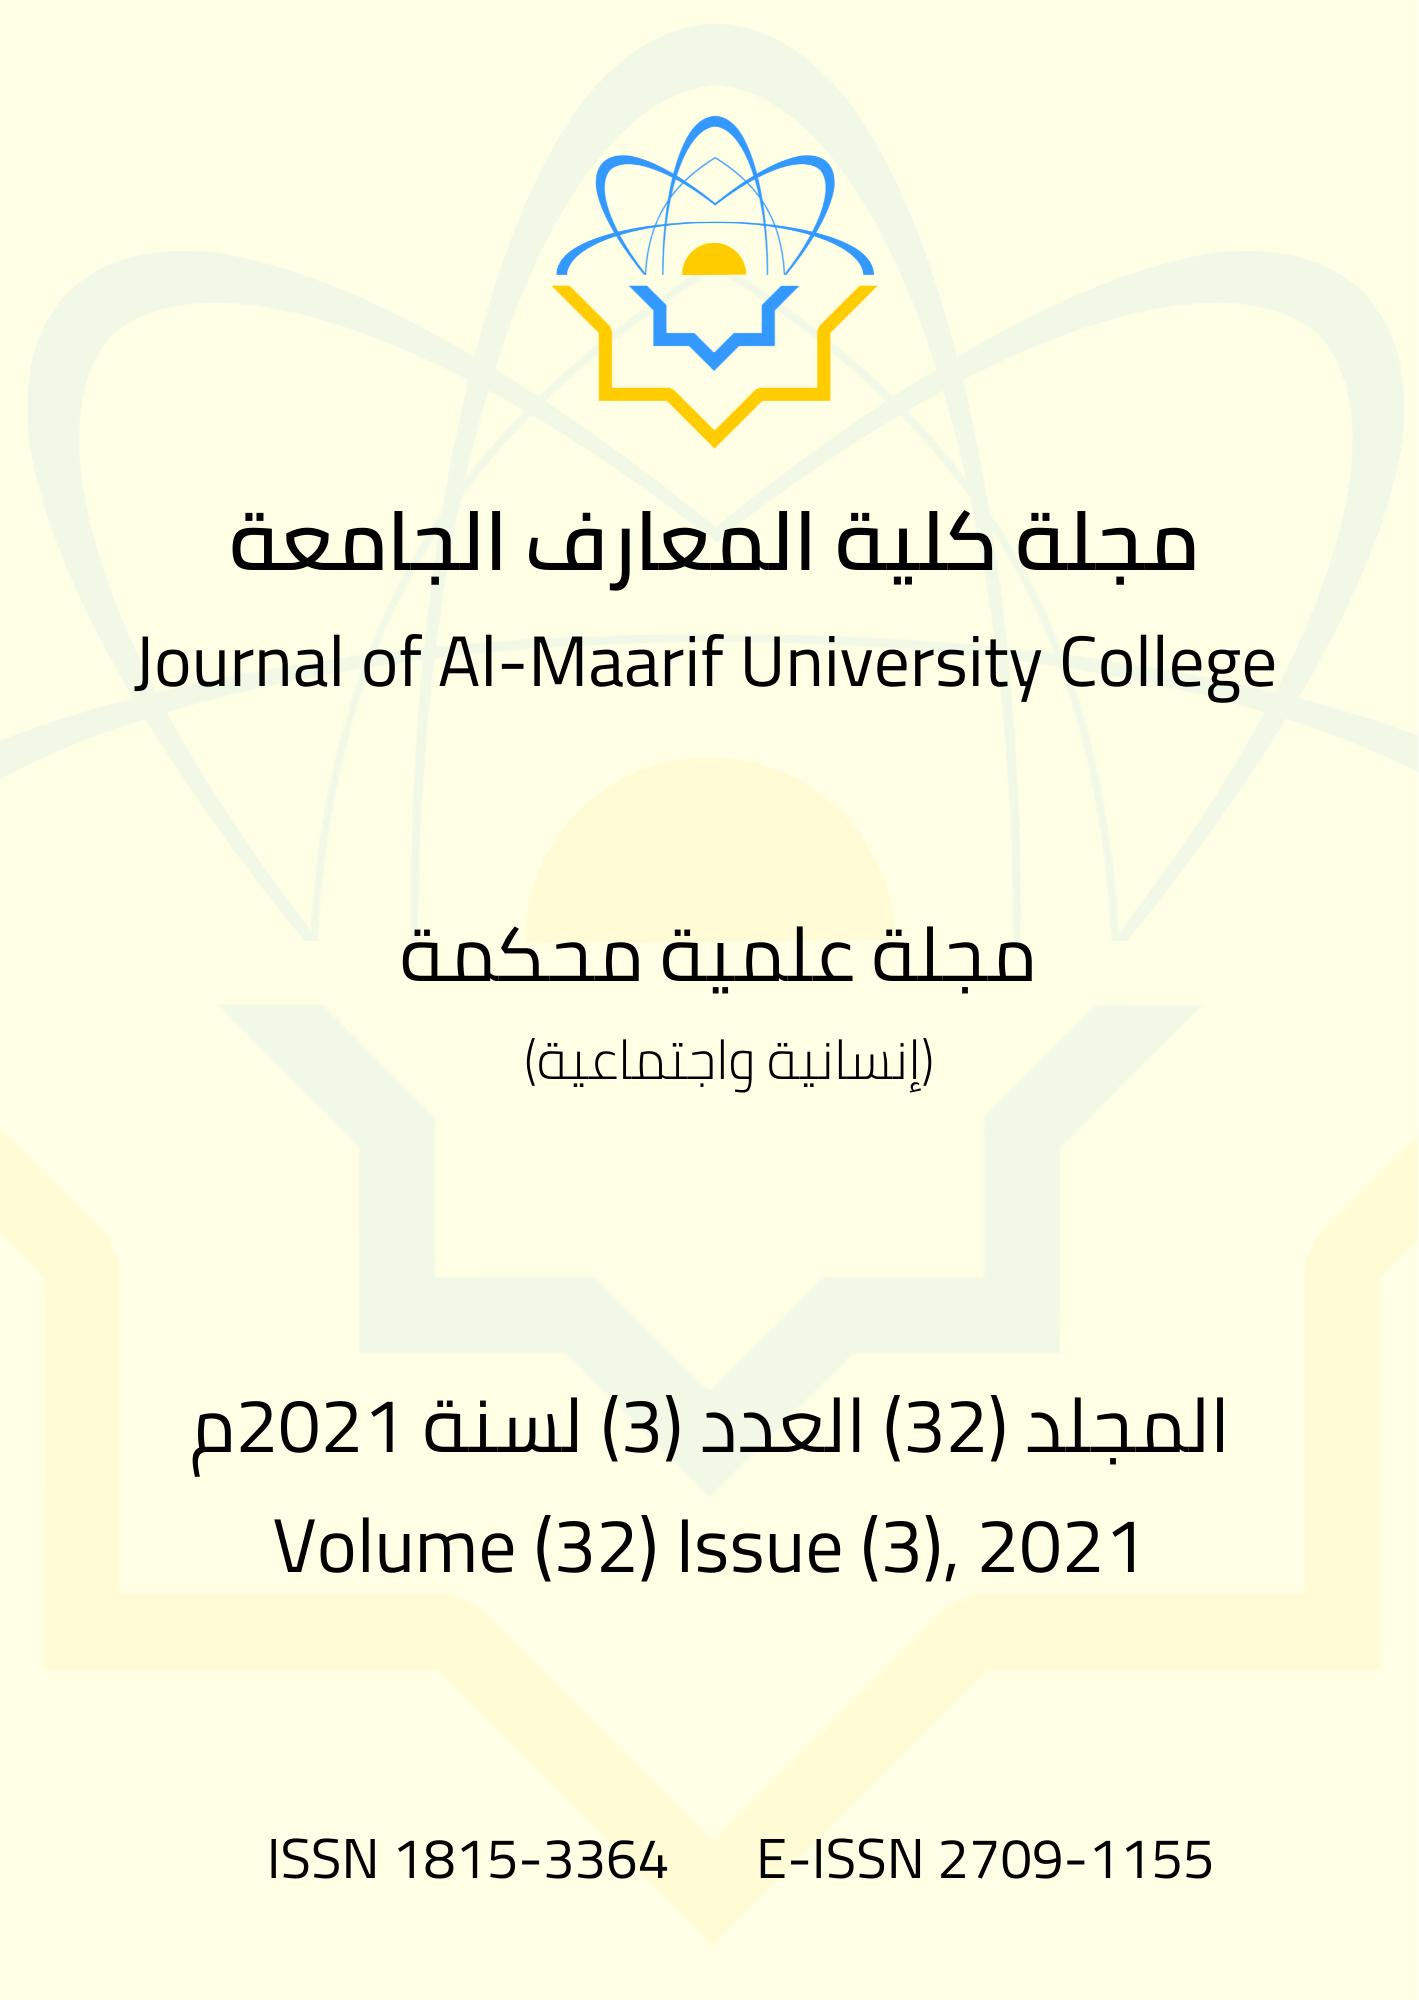 Vol. 32(3), 2021